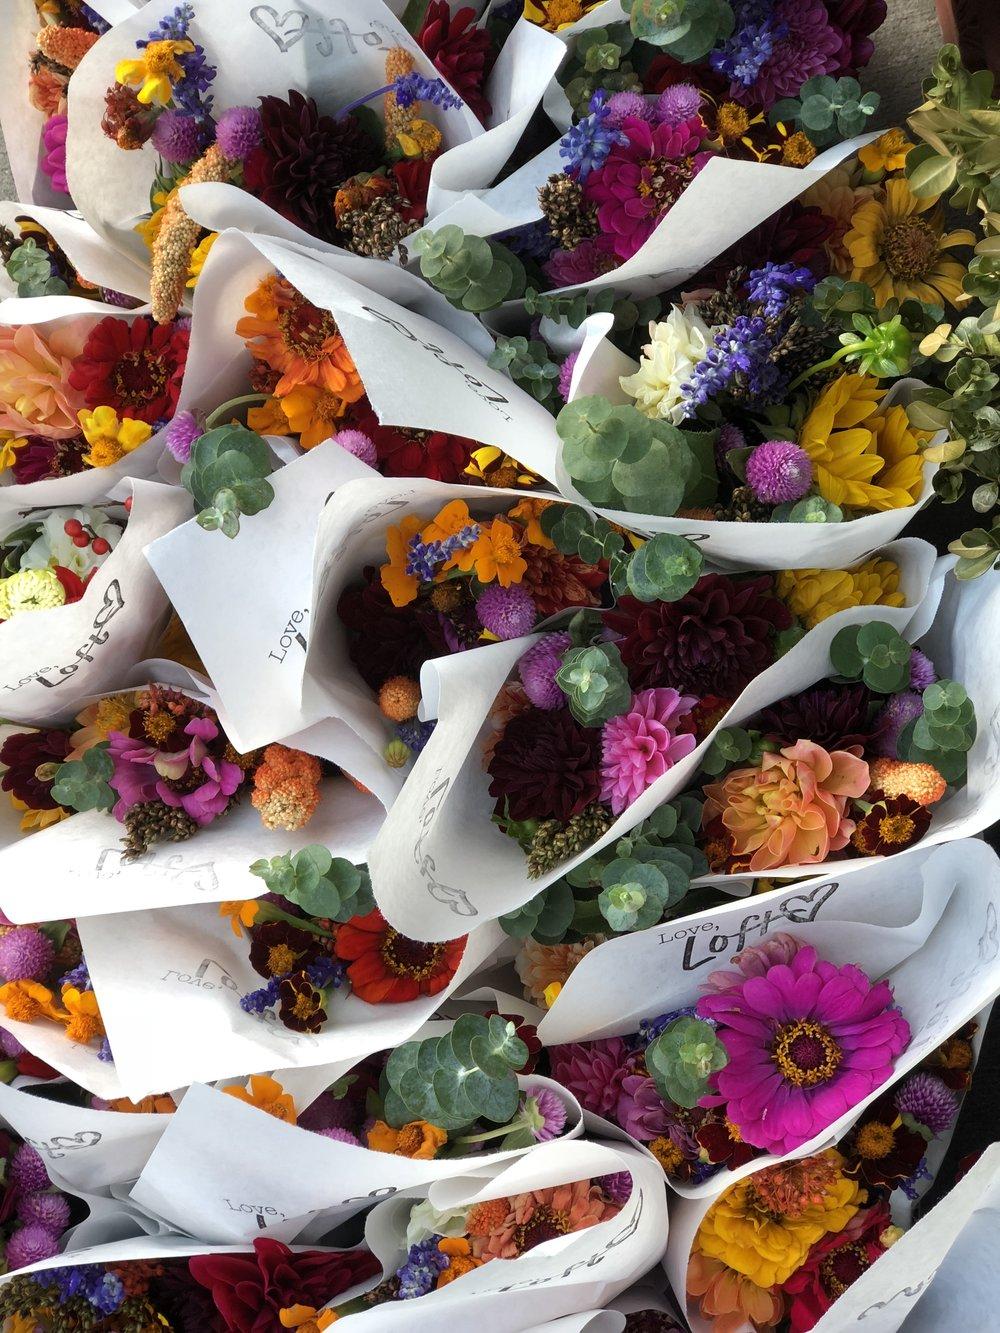 Loft Bouquets